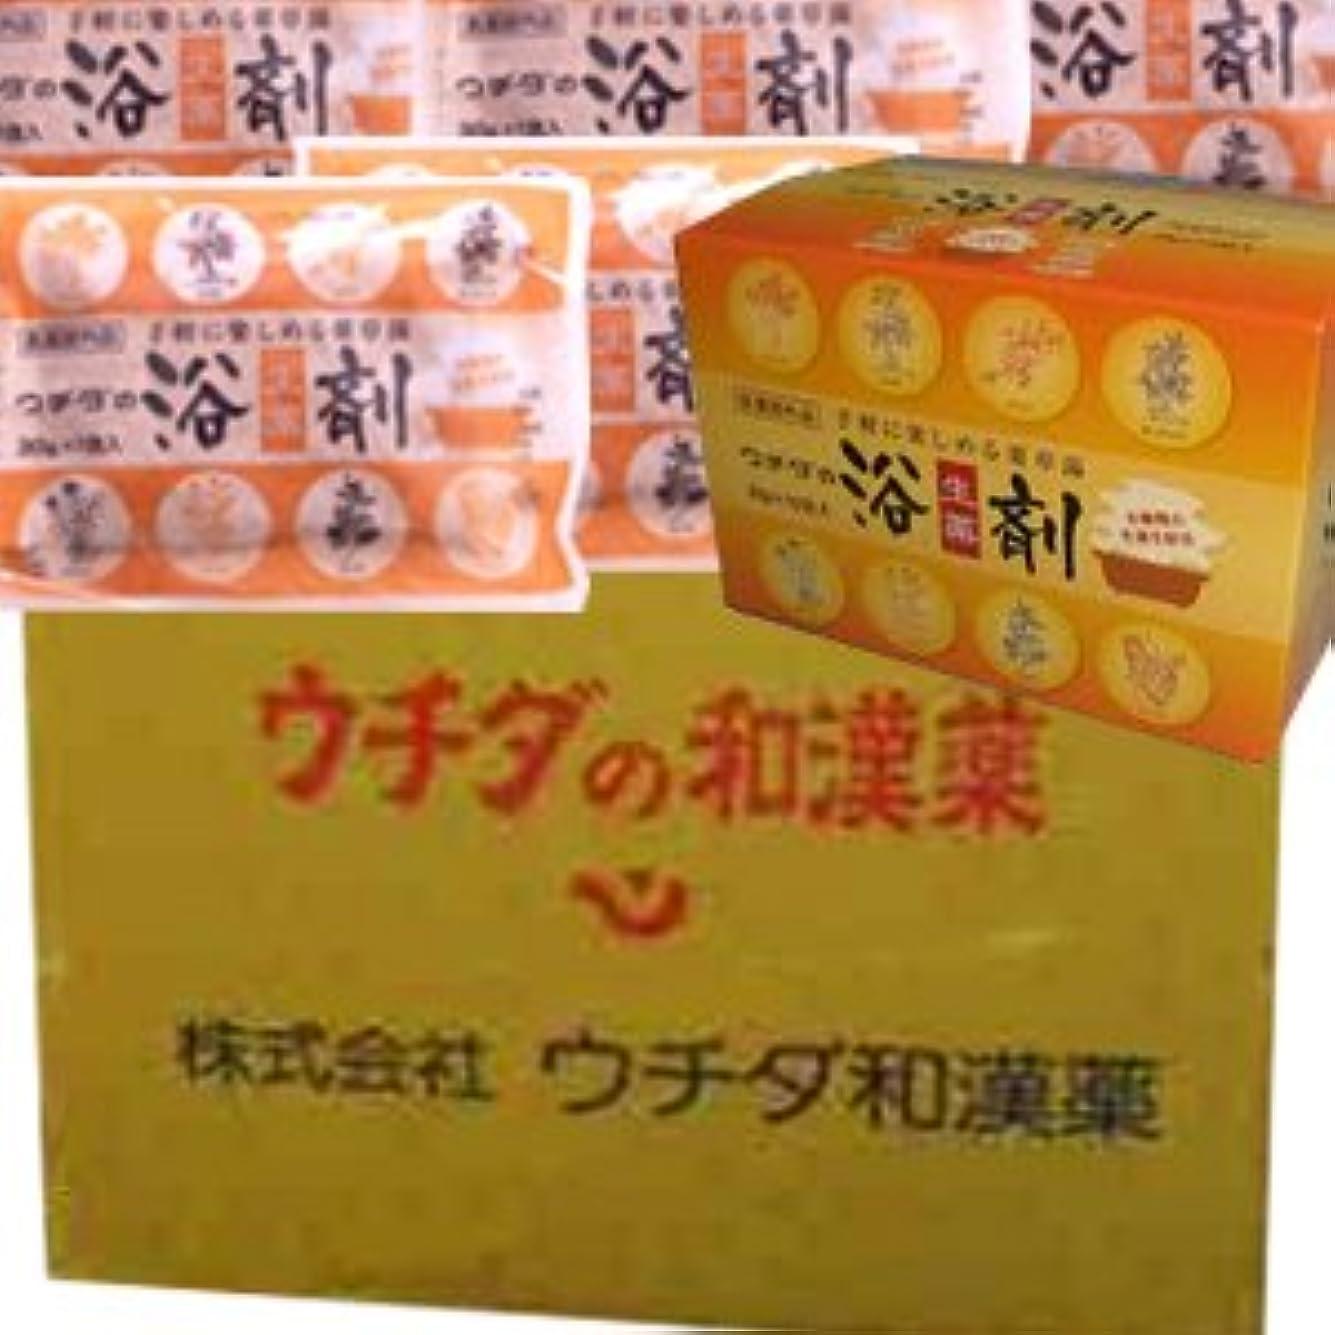 アルネ昨日挨拶する【12個1ケース】 ウチダの浴剤 30g×10袋入×12個+6袋 (4987359400025)